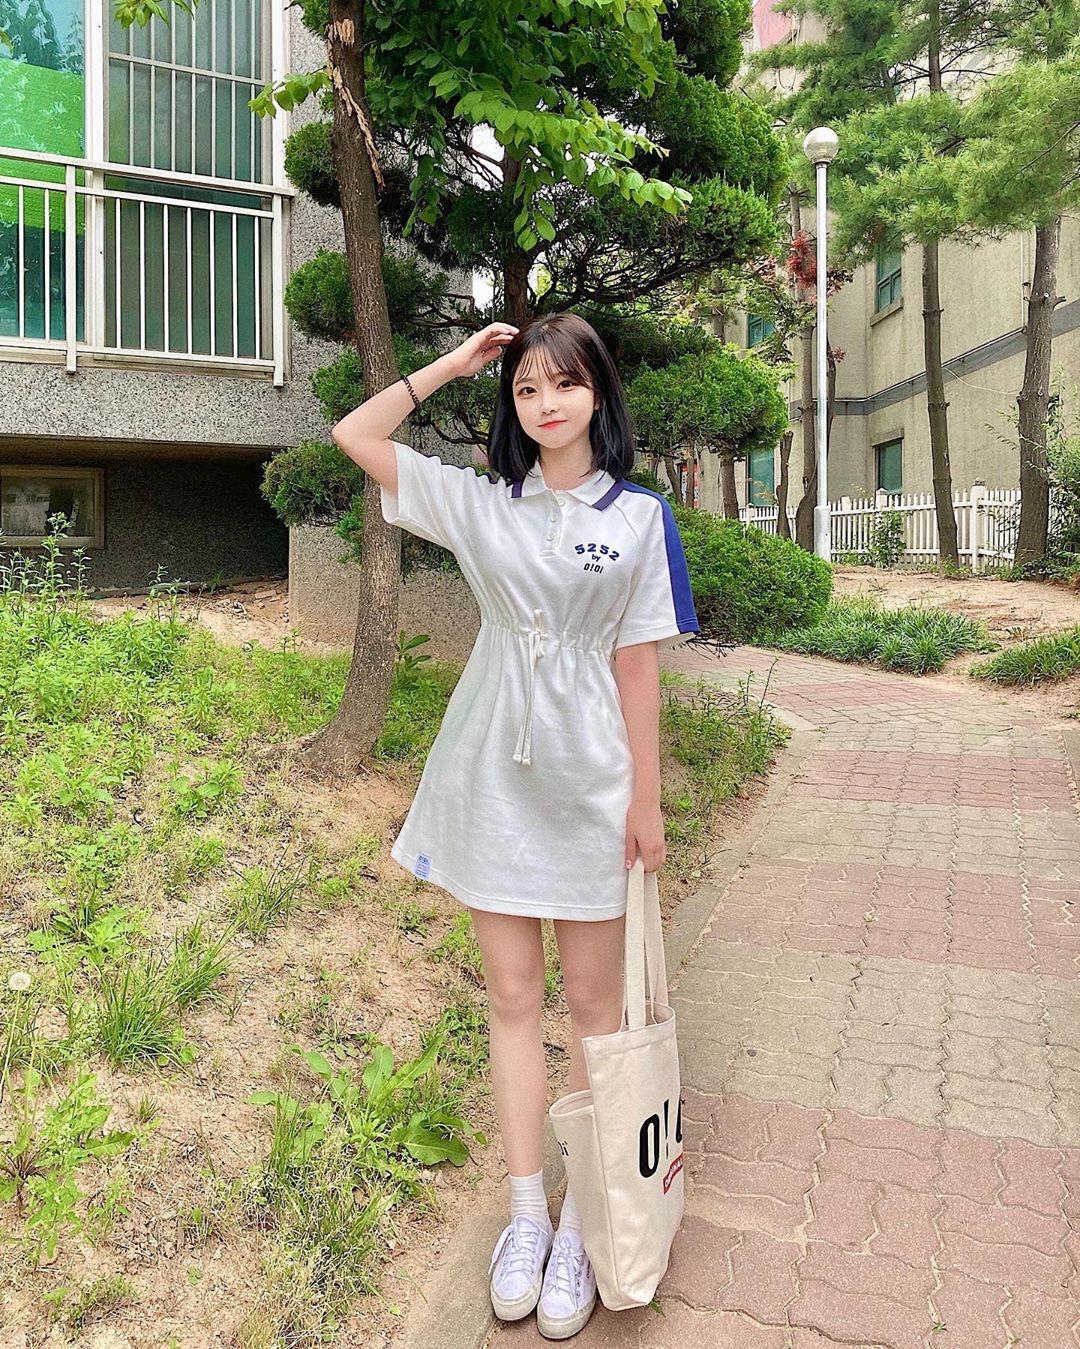 【画像】韓国のYouTuberのスタイルヤバすぎて草